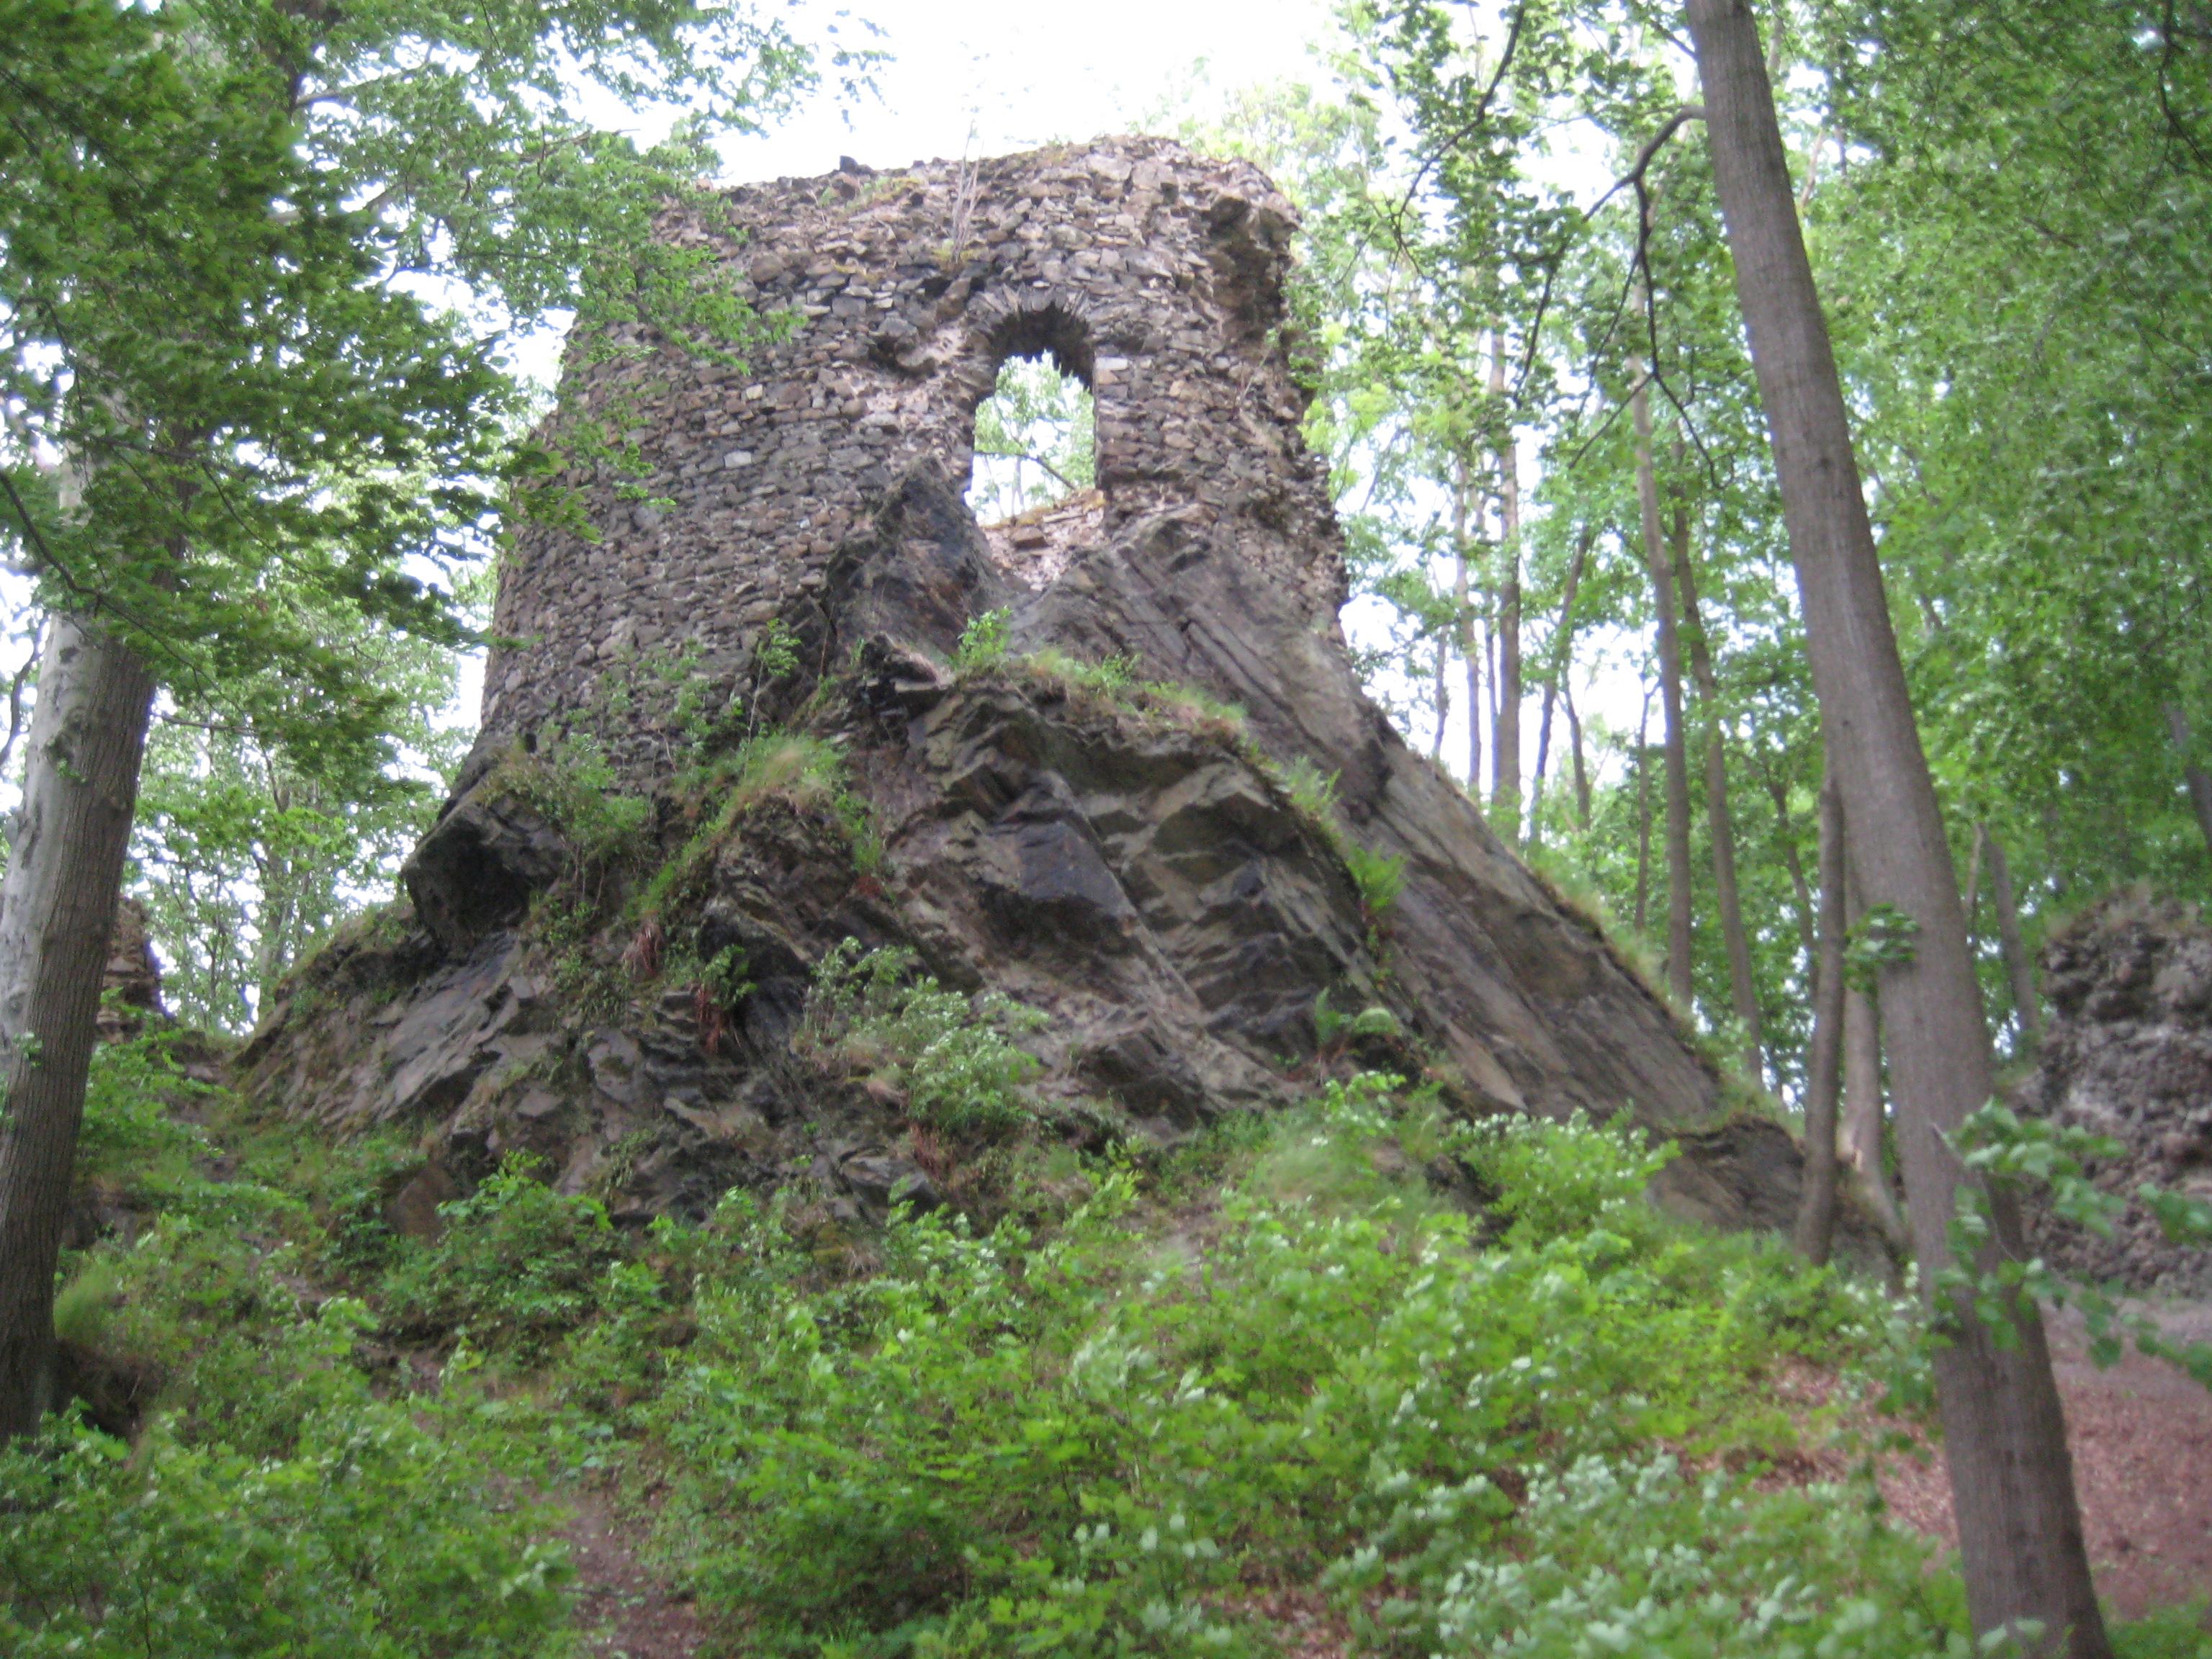 File:Zamek Hamrštejn, ruiny wieży-22.05.2012.JPG - Wikimedia Commons